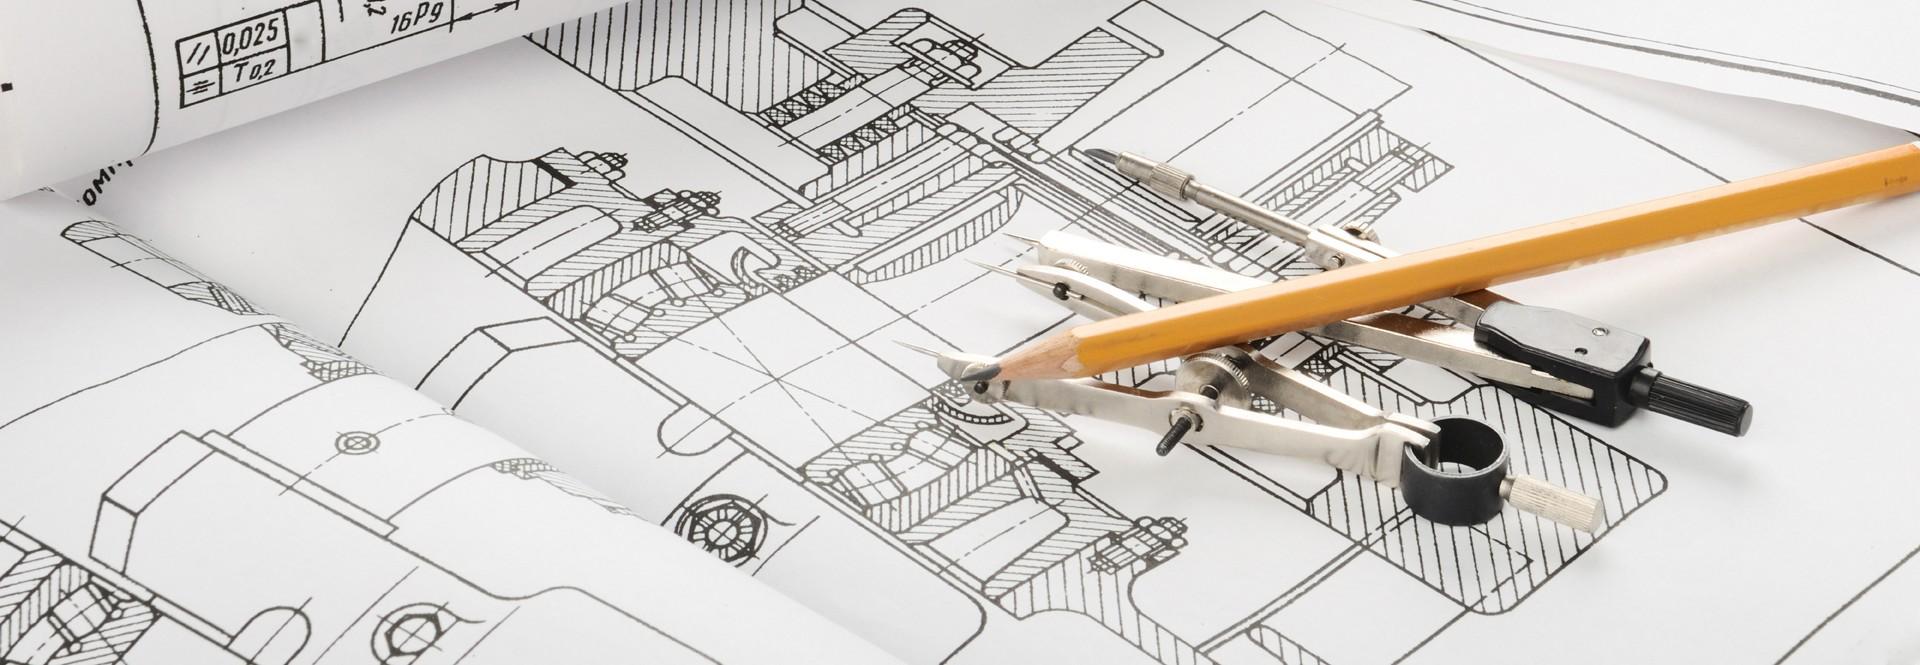 Studio tecnico art linea collaborazione con consorzio for Progettazione di case